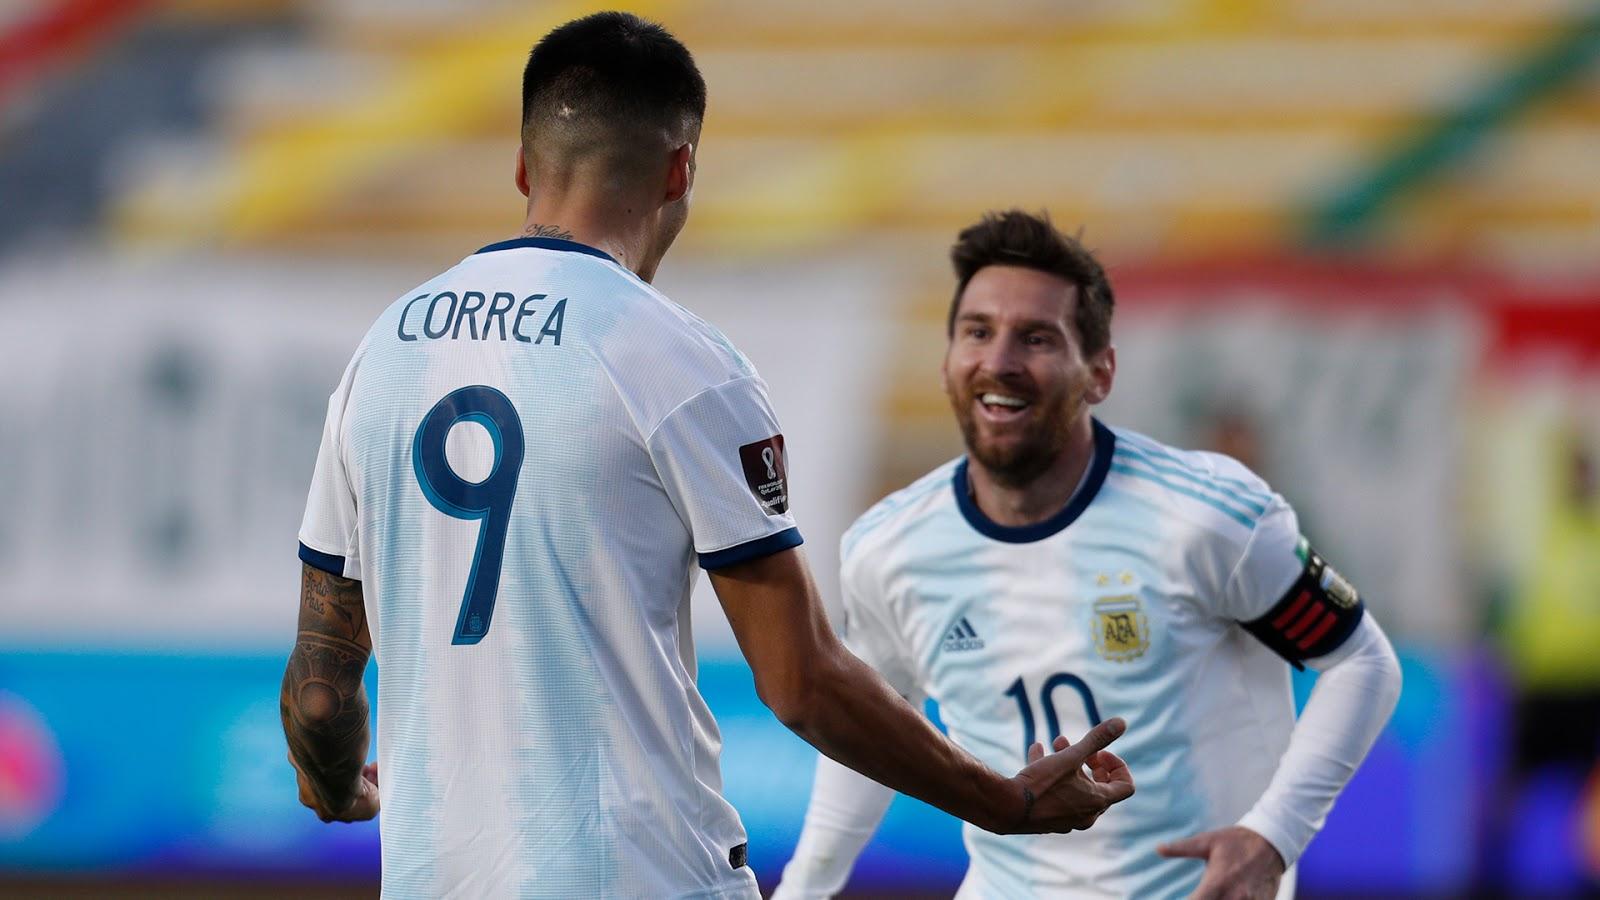 مشاهدة ملخص مباراة بوليفيا 1-2 الأرجنتين بتاريخ 2020-10-14 تصفيات كأس العالم: أمريكا الجنوبية